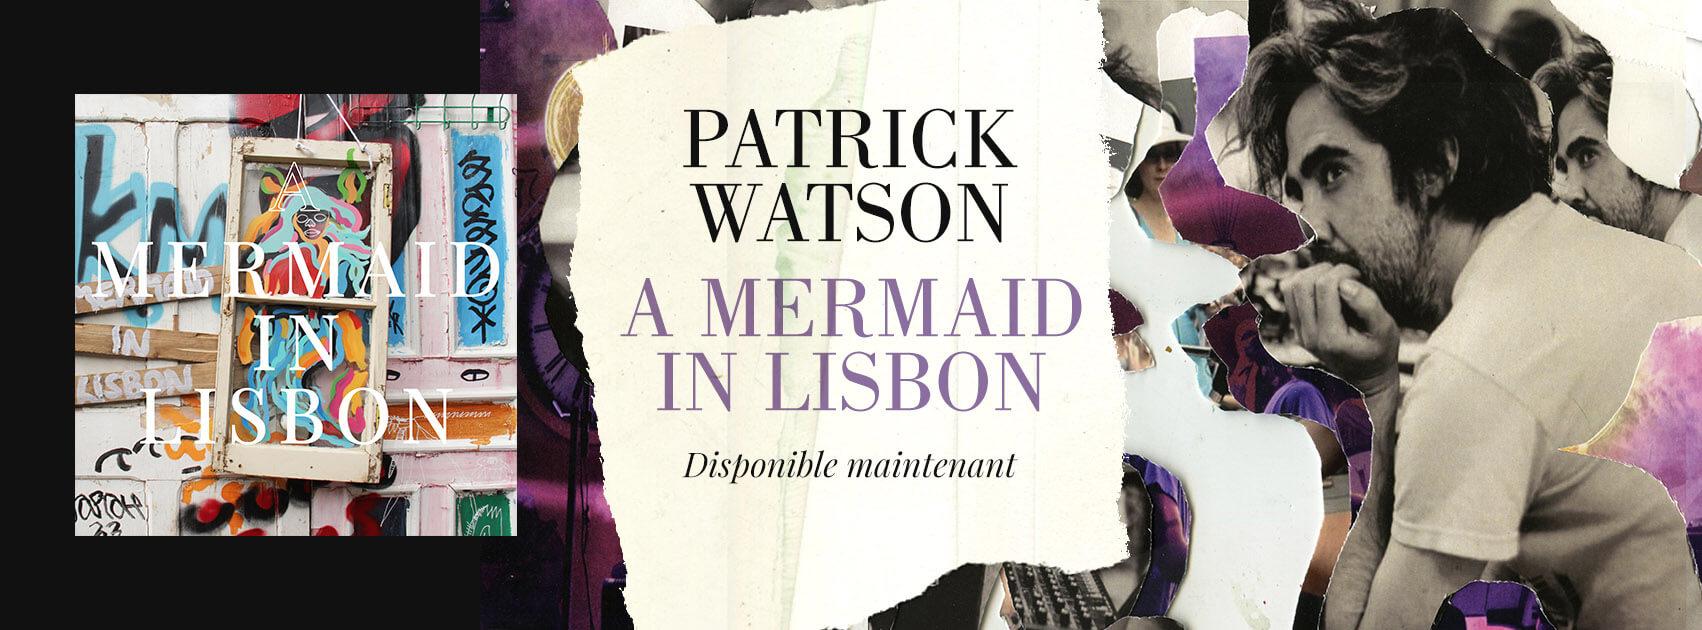 PatrickWatson-Mermaid-SCRWebsite-FR